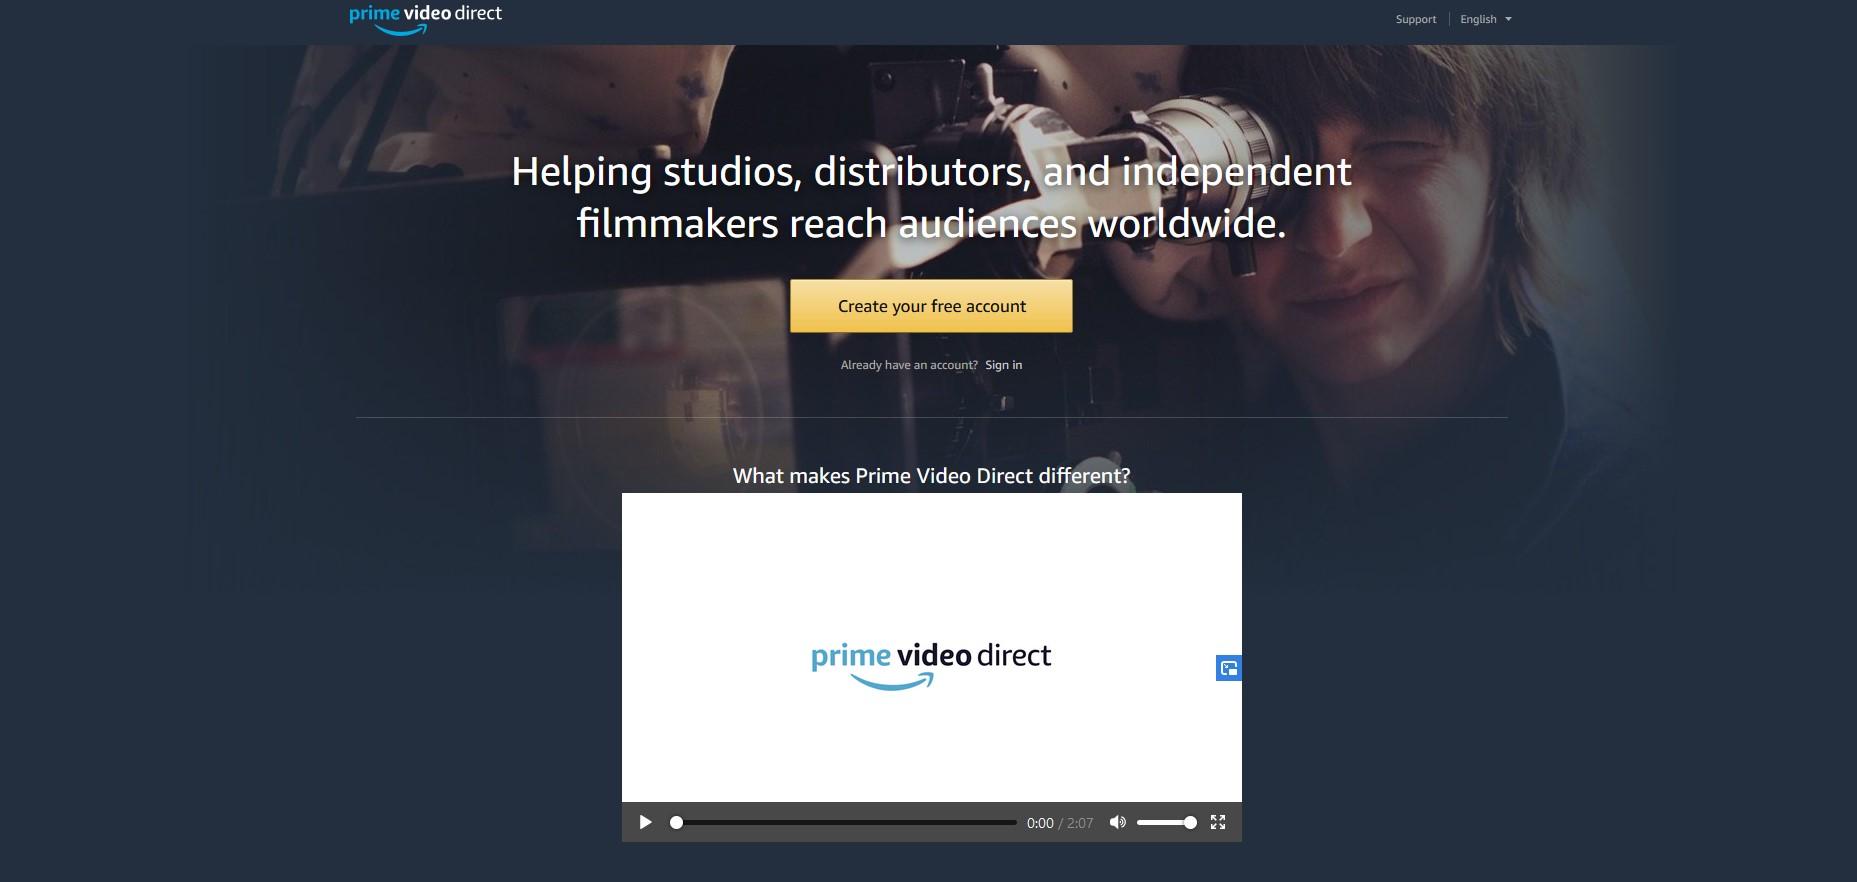 Diffusez vos vidéos sur Prime Video Direct et gagnez de l'argent